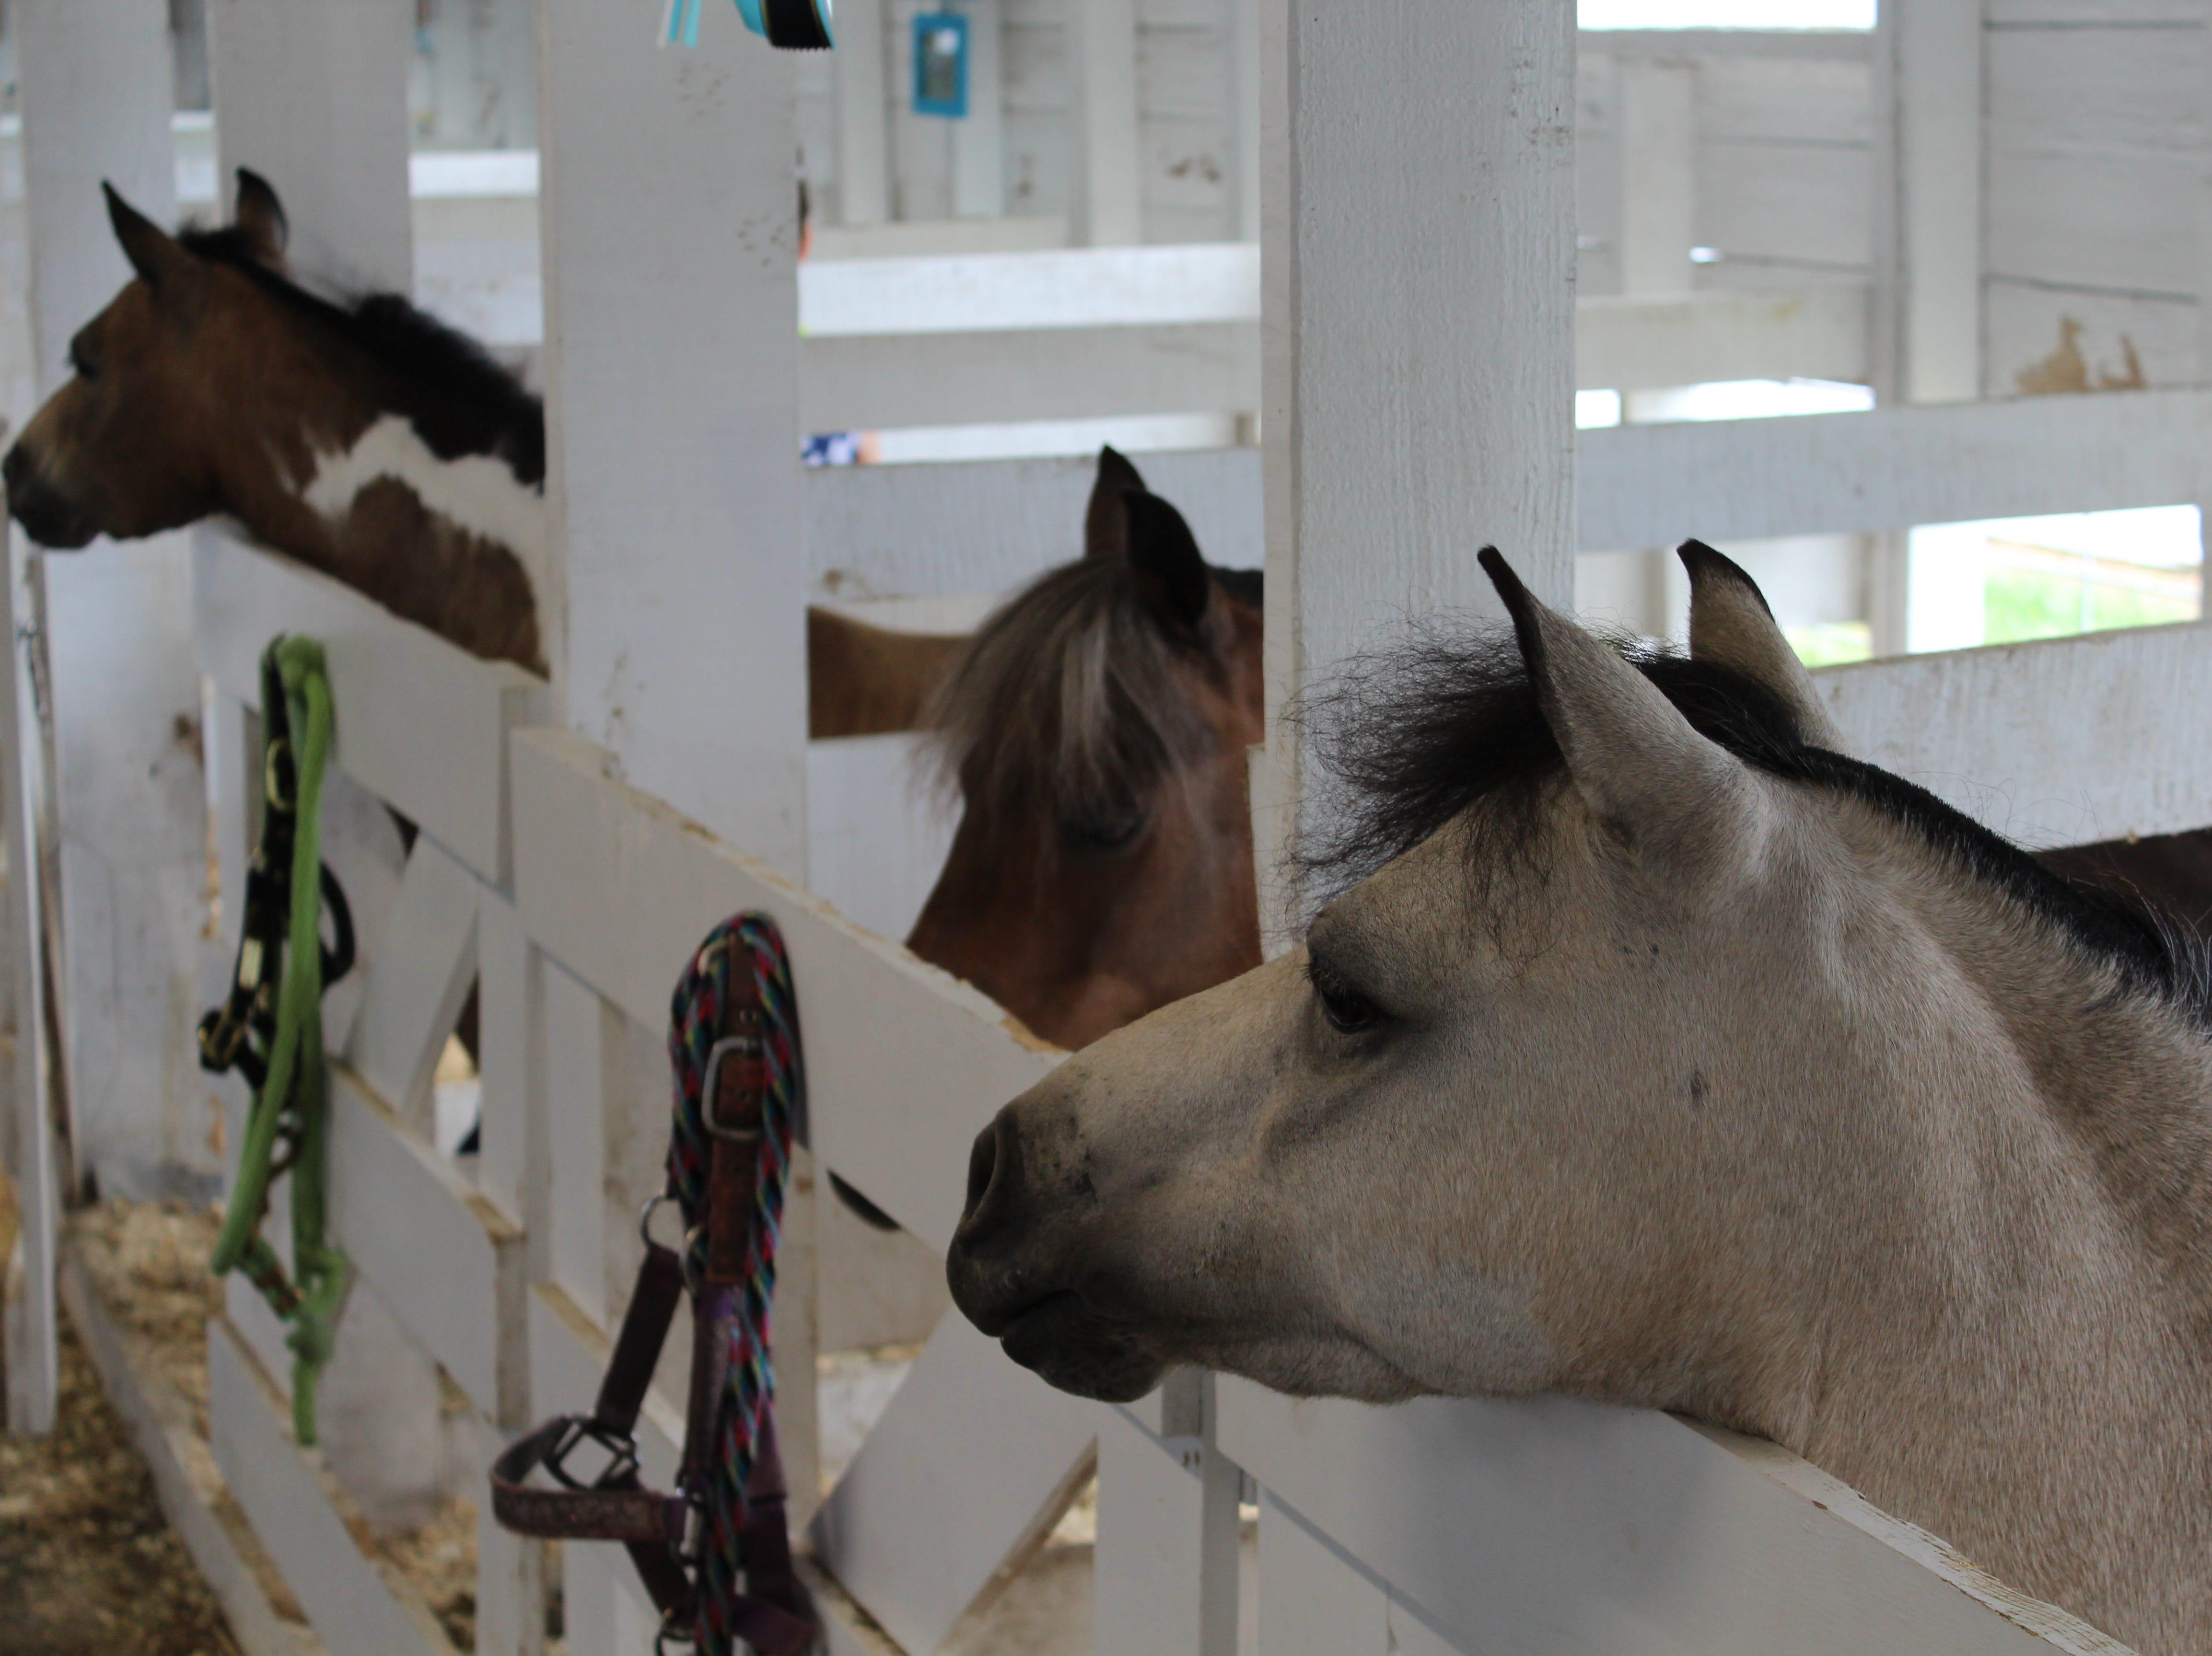 Miniature horses are a fair favorite at the Calhoun County Fair.